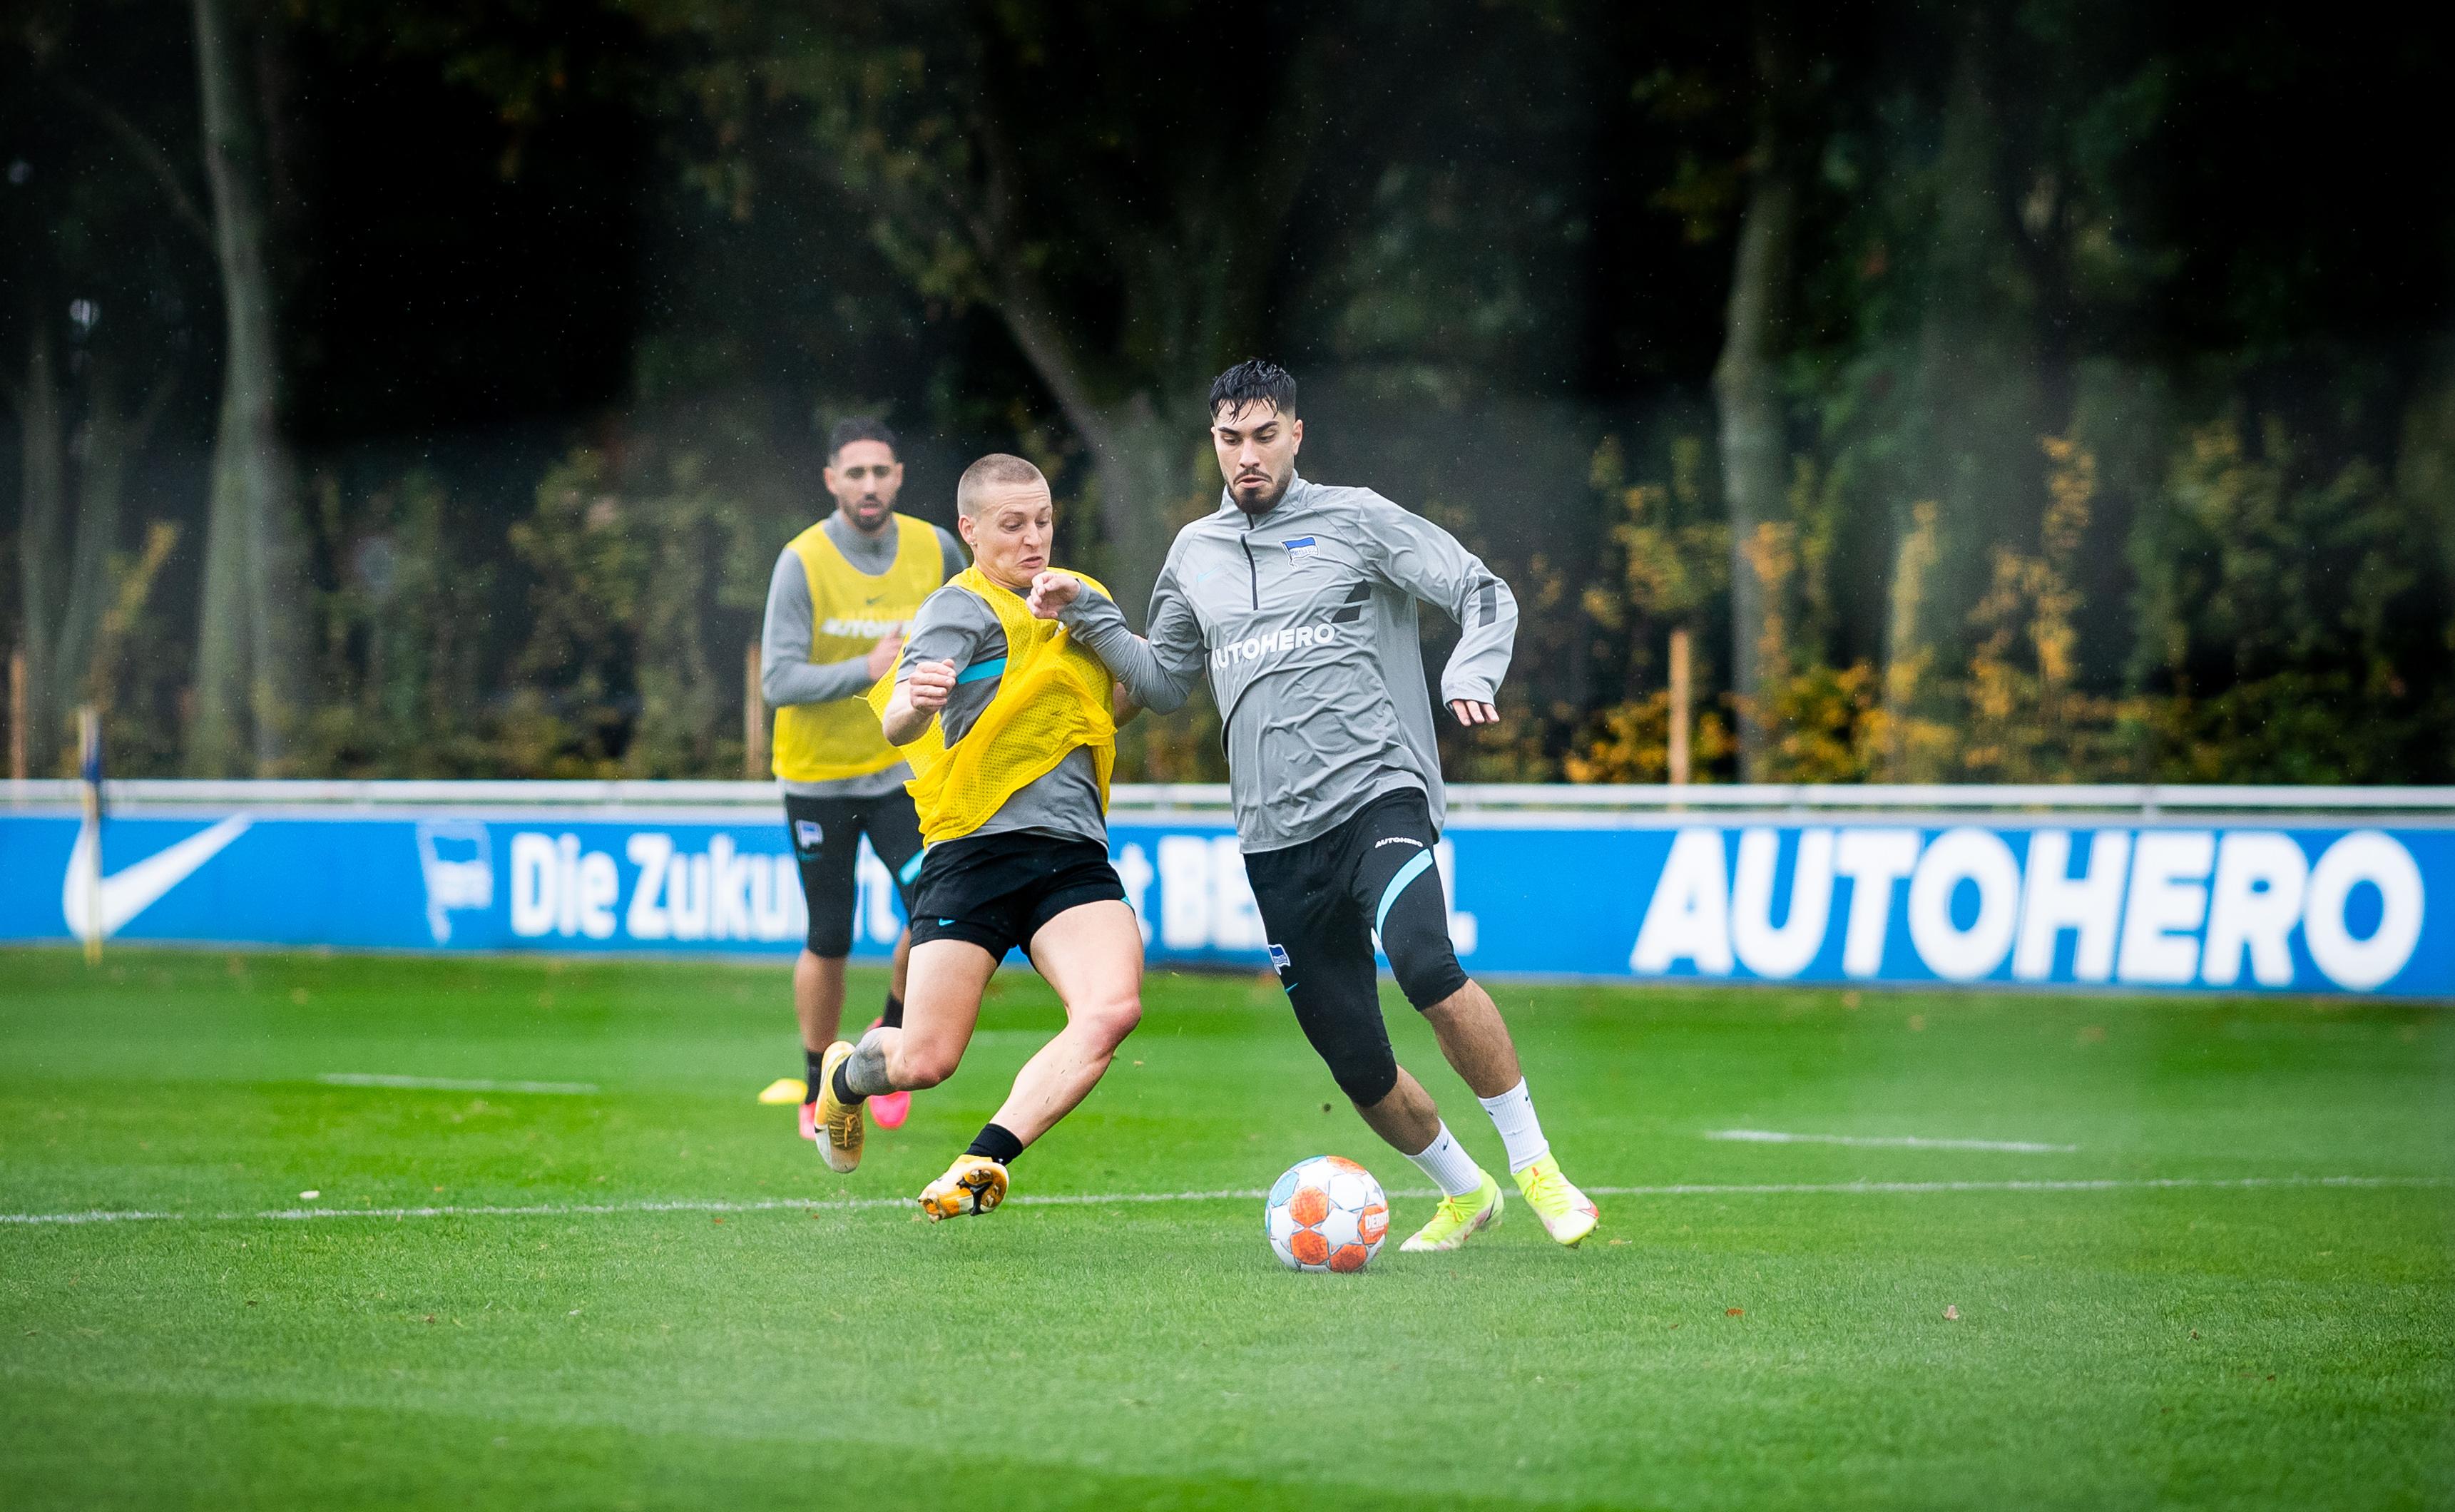 Santiago Ascacíbar slide tackles Suat Serdar.